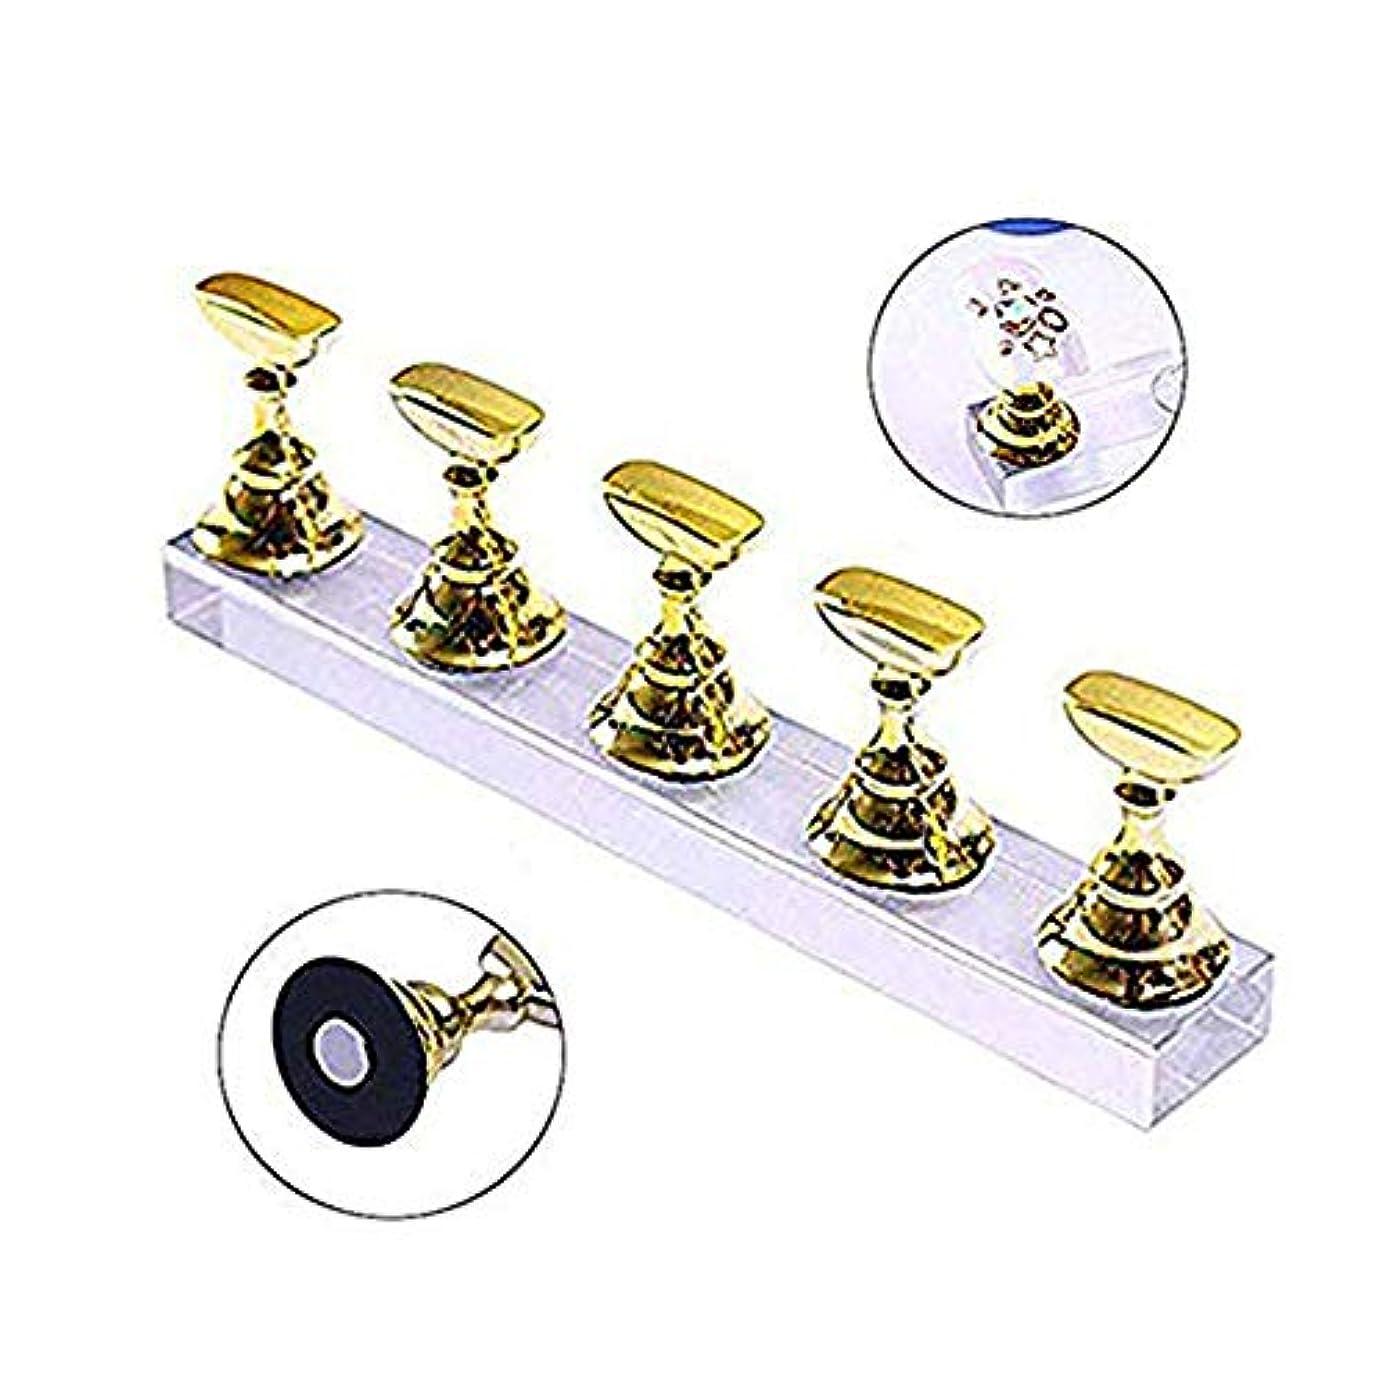 生枯れる同行するネイルチップディスプレイ スタンドセット ネイルチップスタンド ネイル練習ハンドネイルエクササイズペデスタル ネイル用品 磁気 ネイルアート道具 サンプルチップ ネイルアート用品 5本セット (ゴールド)